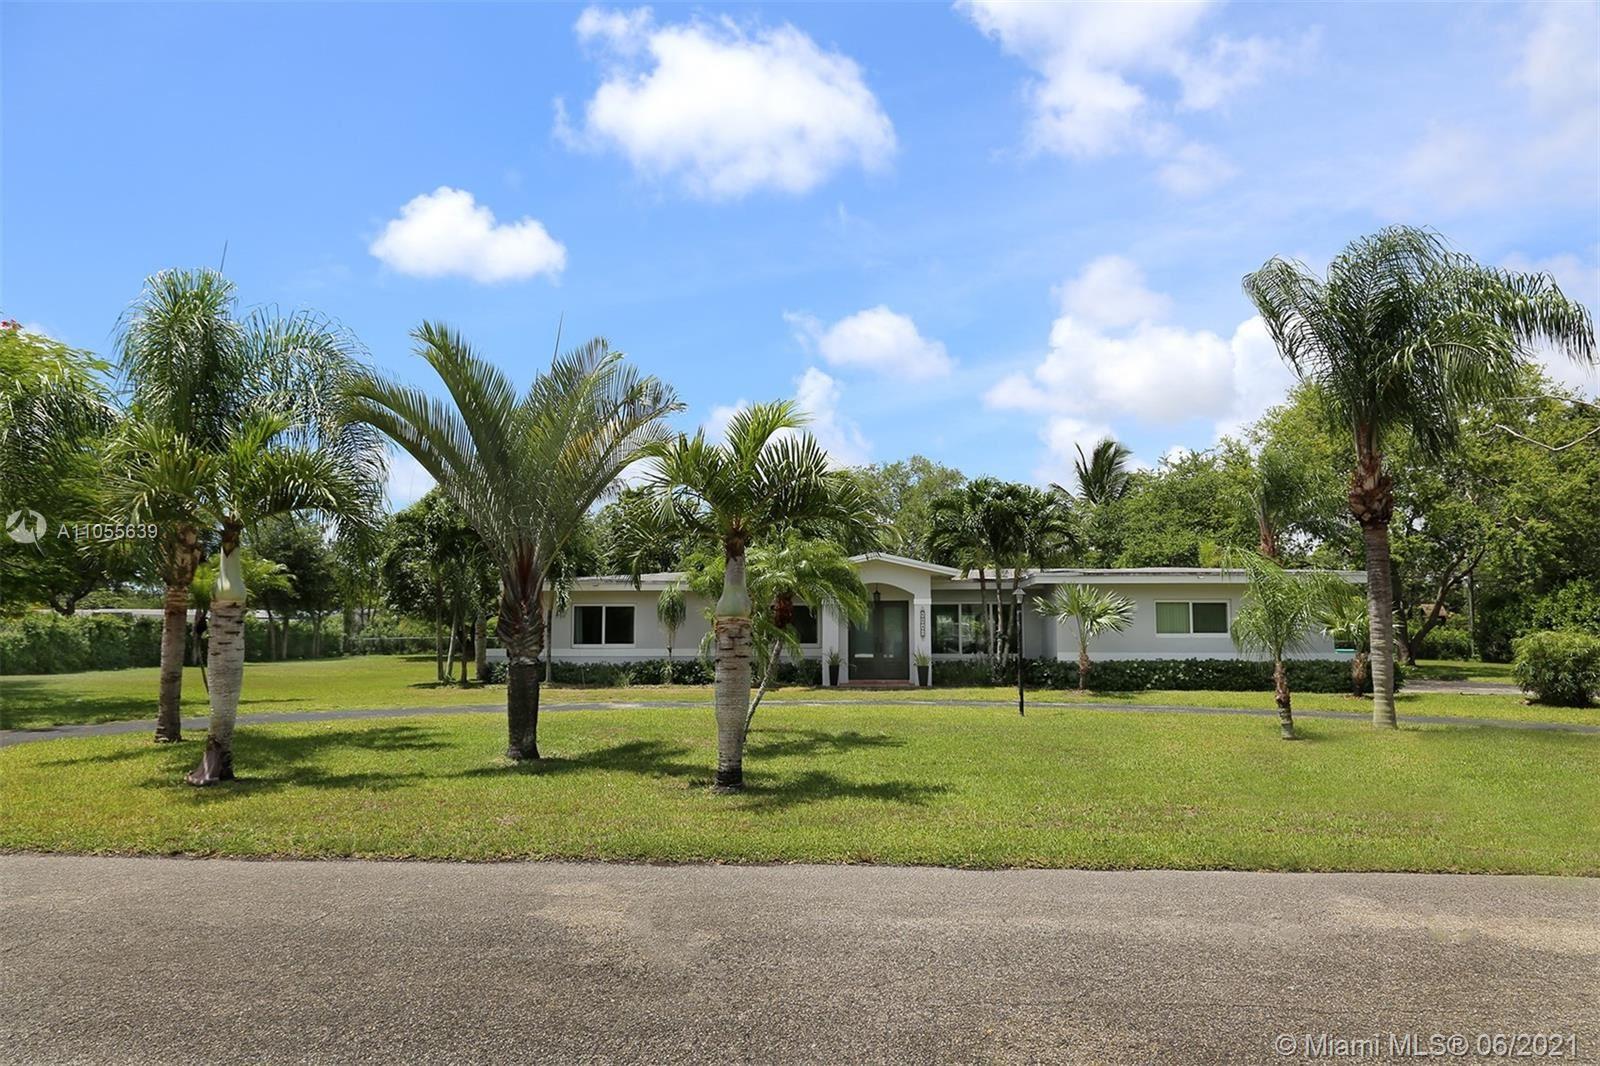 8840 SW 114th Ter, Miami, FL 33176 - #: A11055639